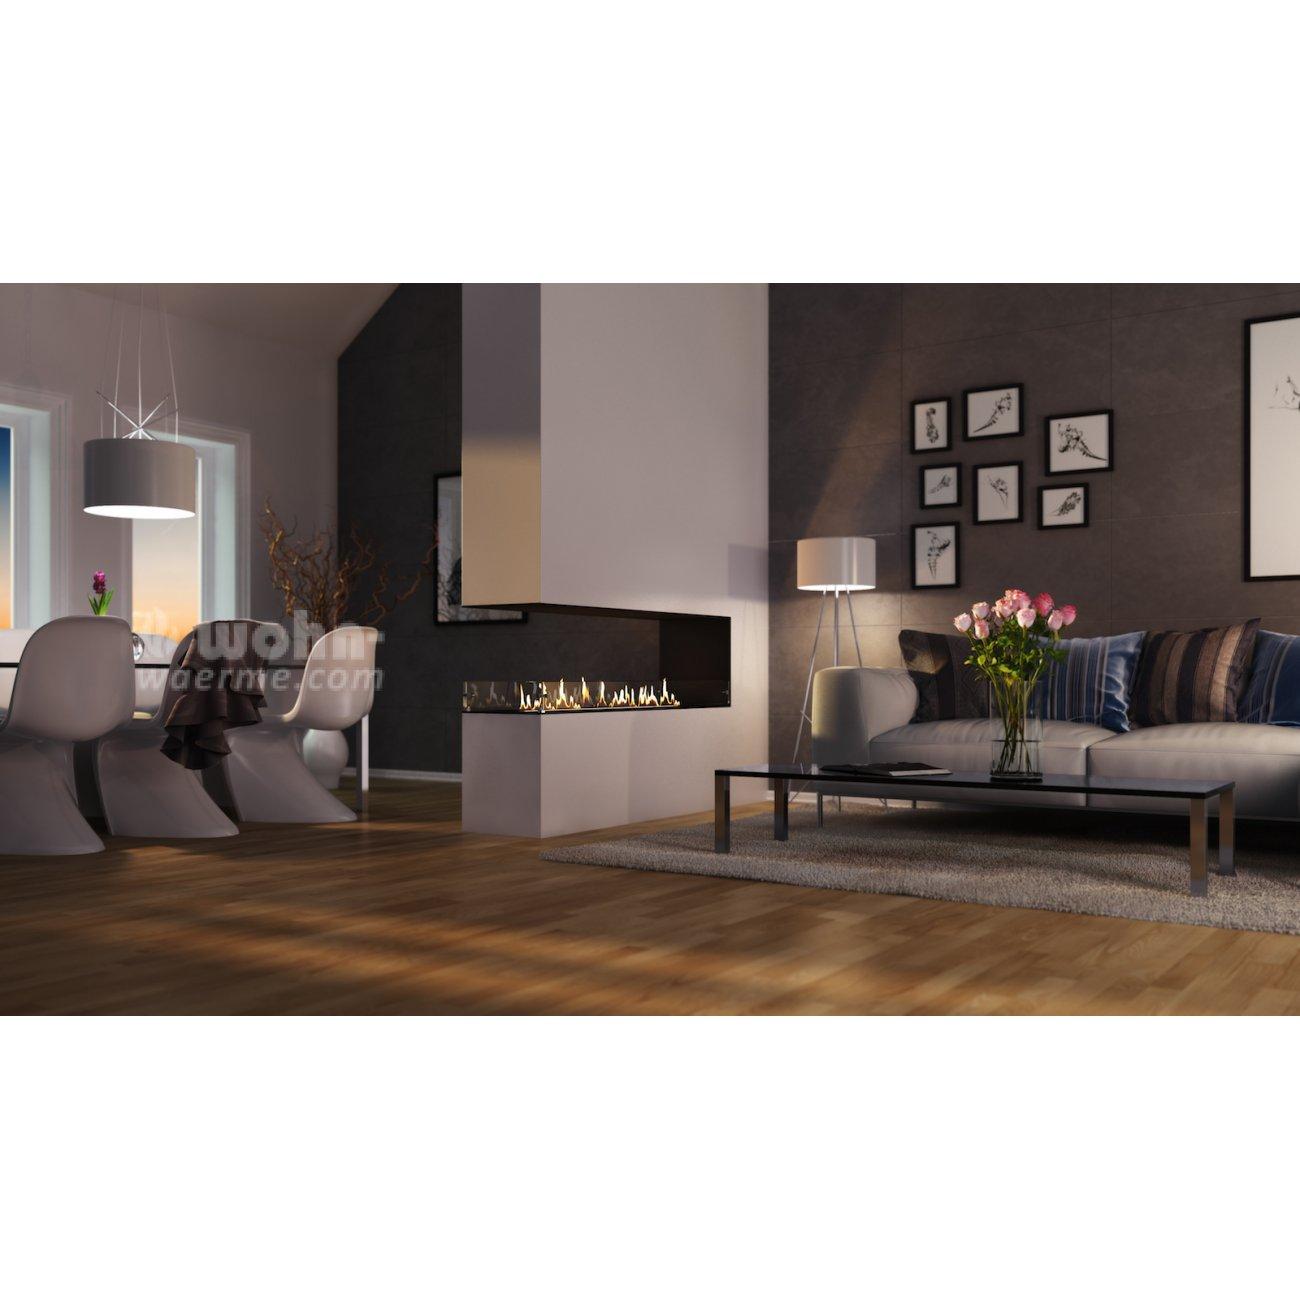 einbau ethanolkamin in standardma en oder in ind ma en. Black Bedroom Furniture Sets. Home Design Ideas